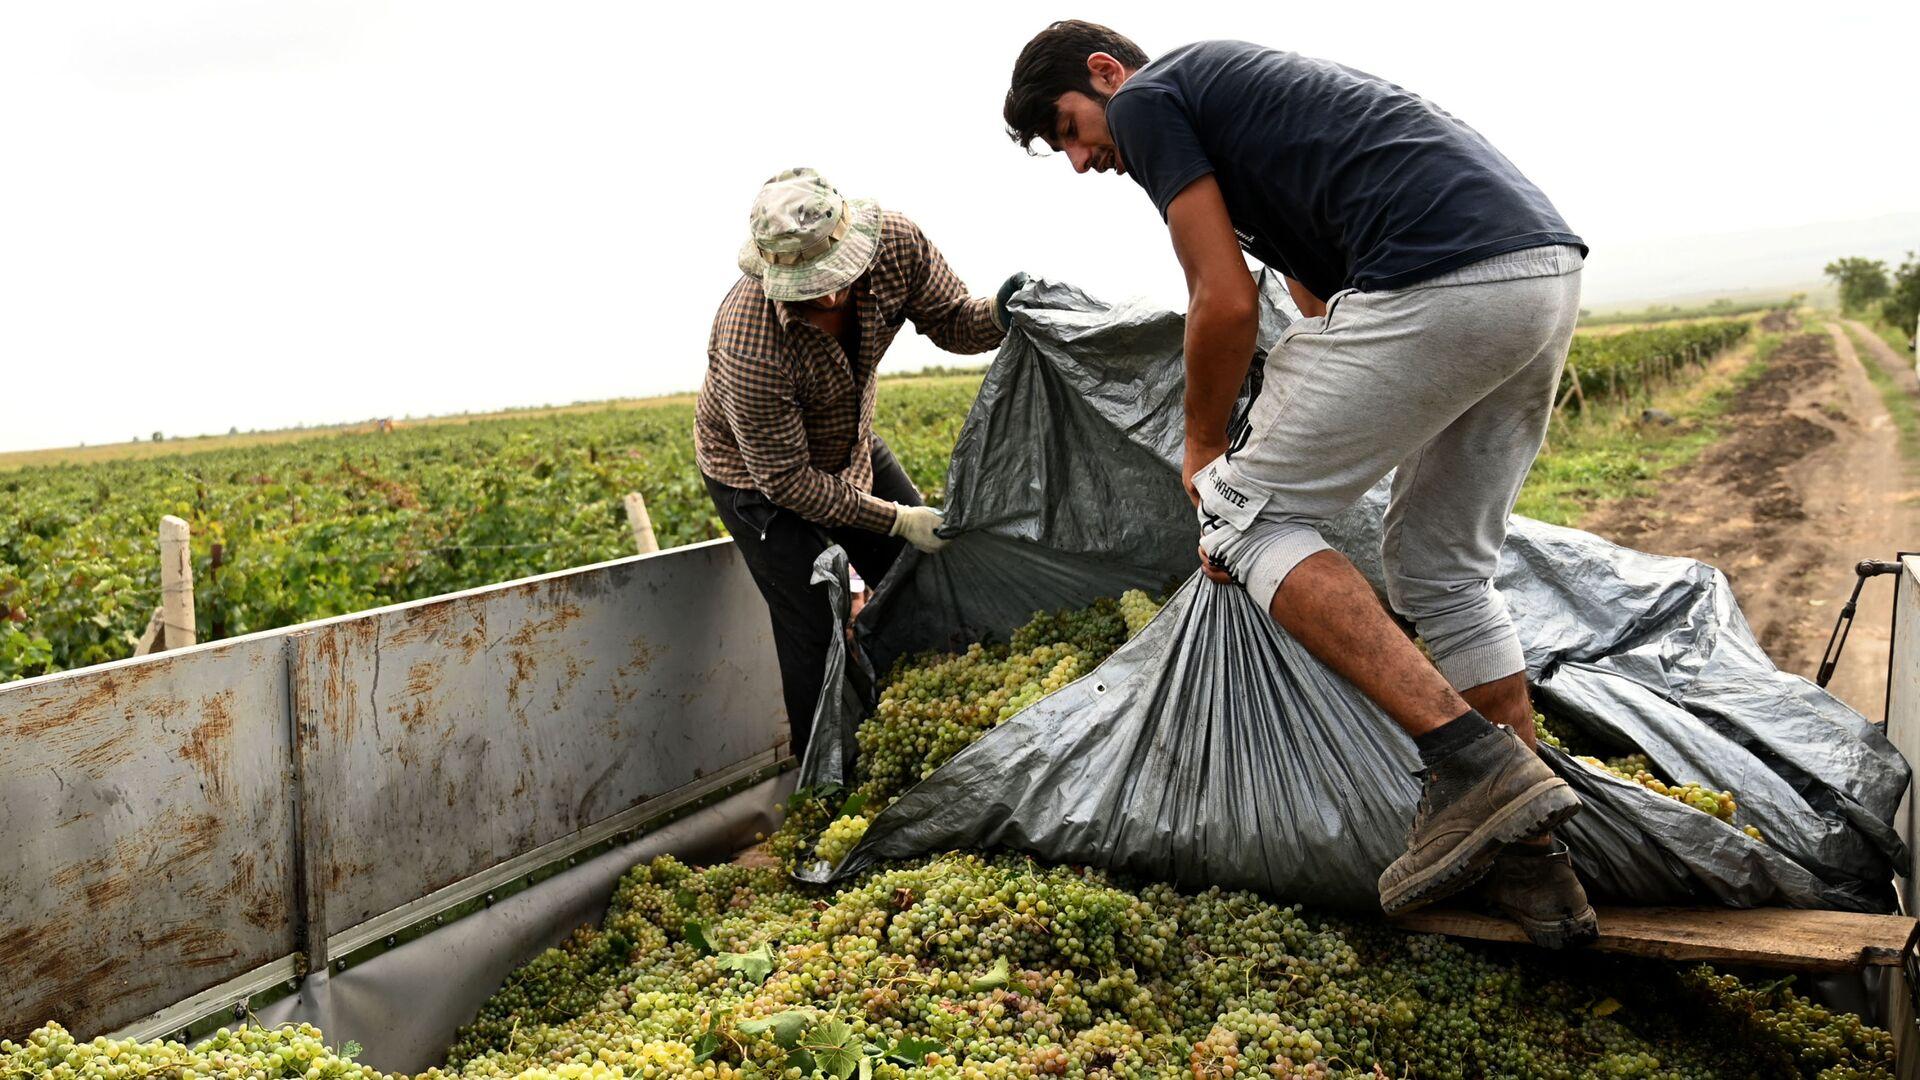 Сбор урожая винограда - ртвели в регионе Кахети - Sputnik Грузия, 1920, 07.09.2021